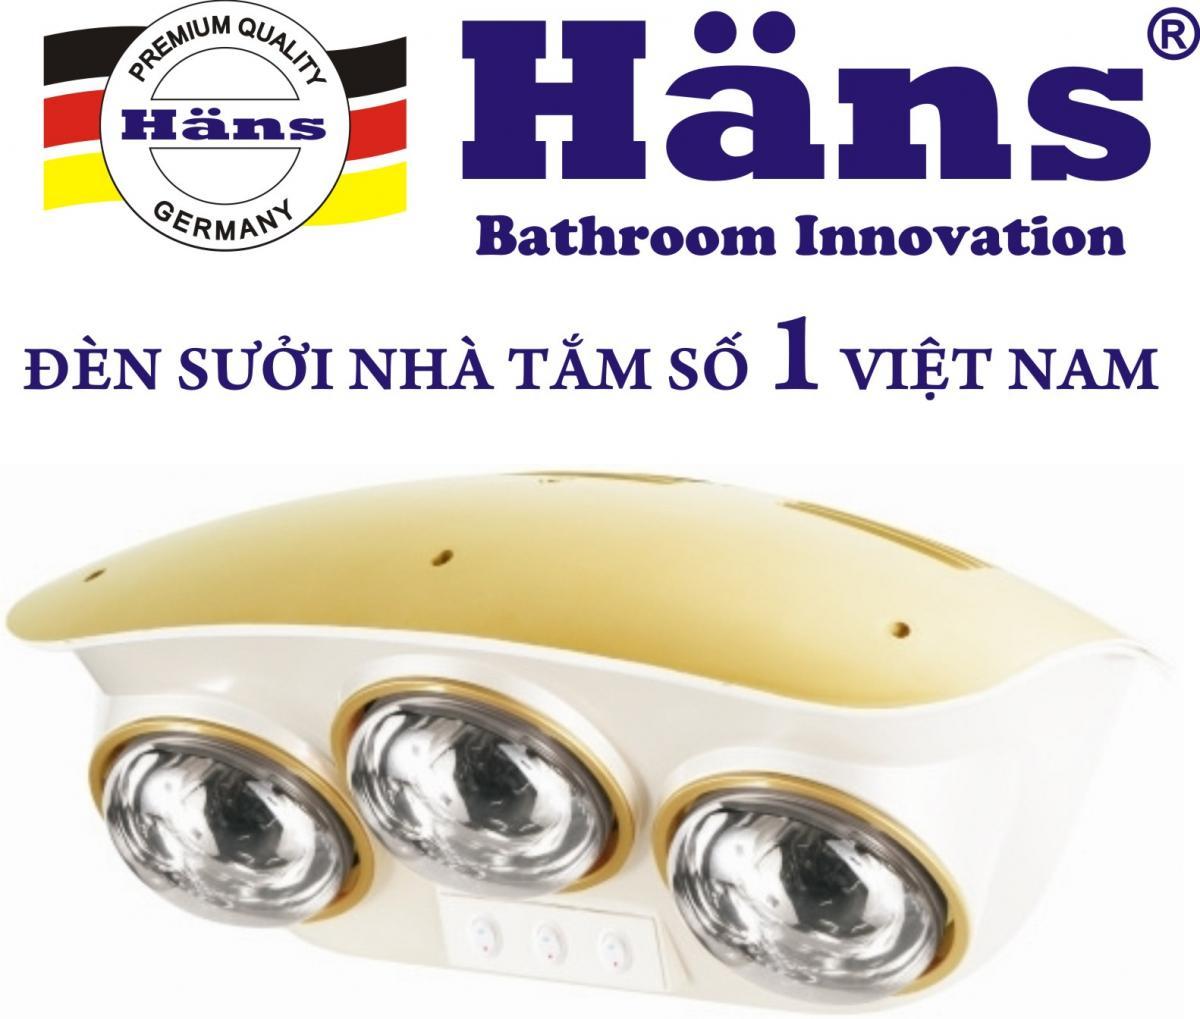 Mua đèn sưởi nhà tắm chính hãng ở đâu? Nên mua hãng nào thì tốt?